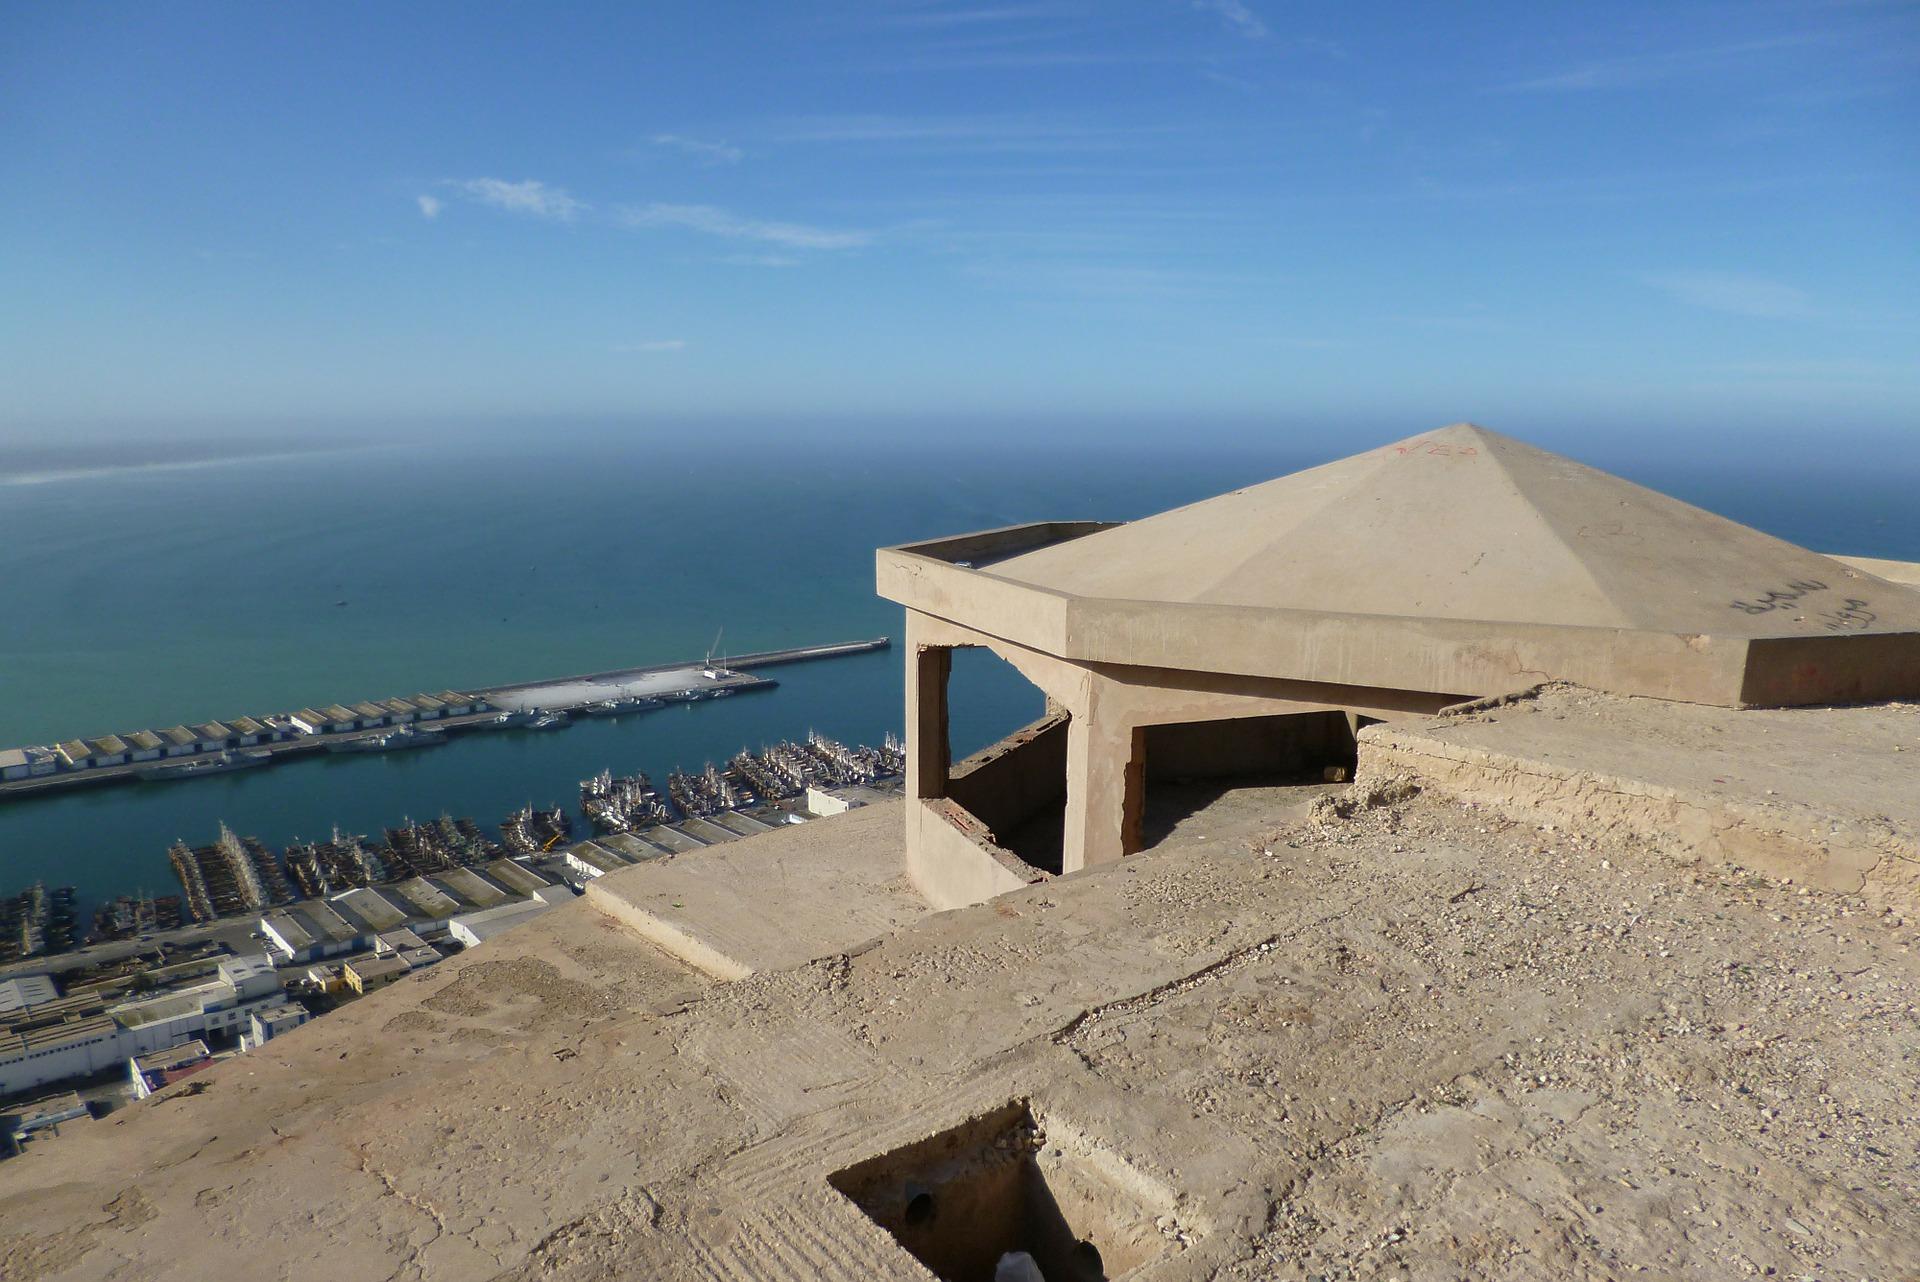 Agadir Deal eine Woche Halbpension ab 120,00€ - Pauschalreise